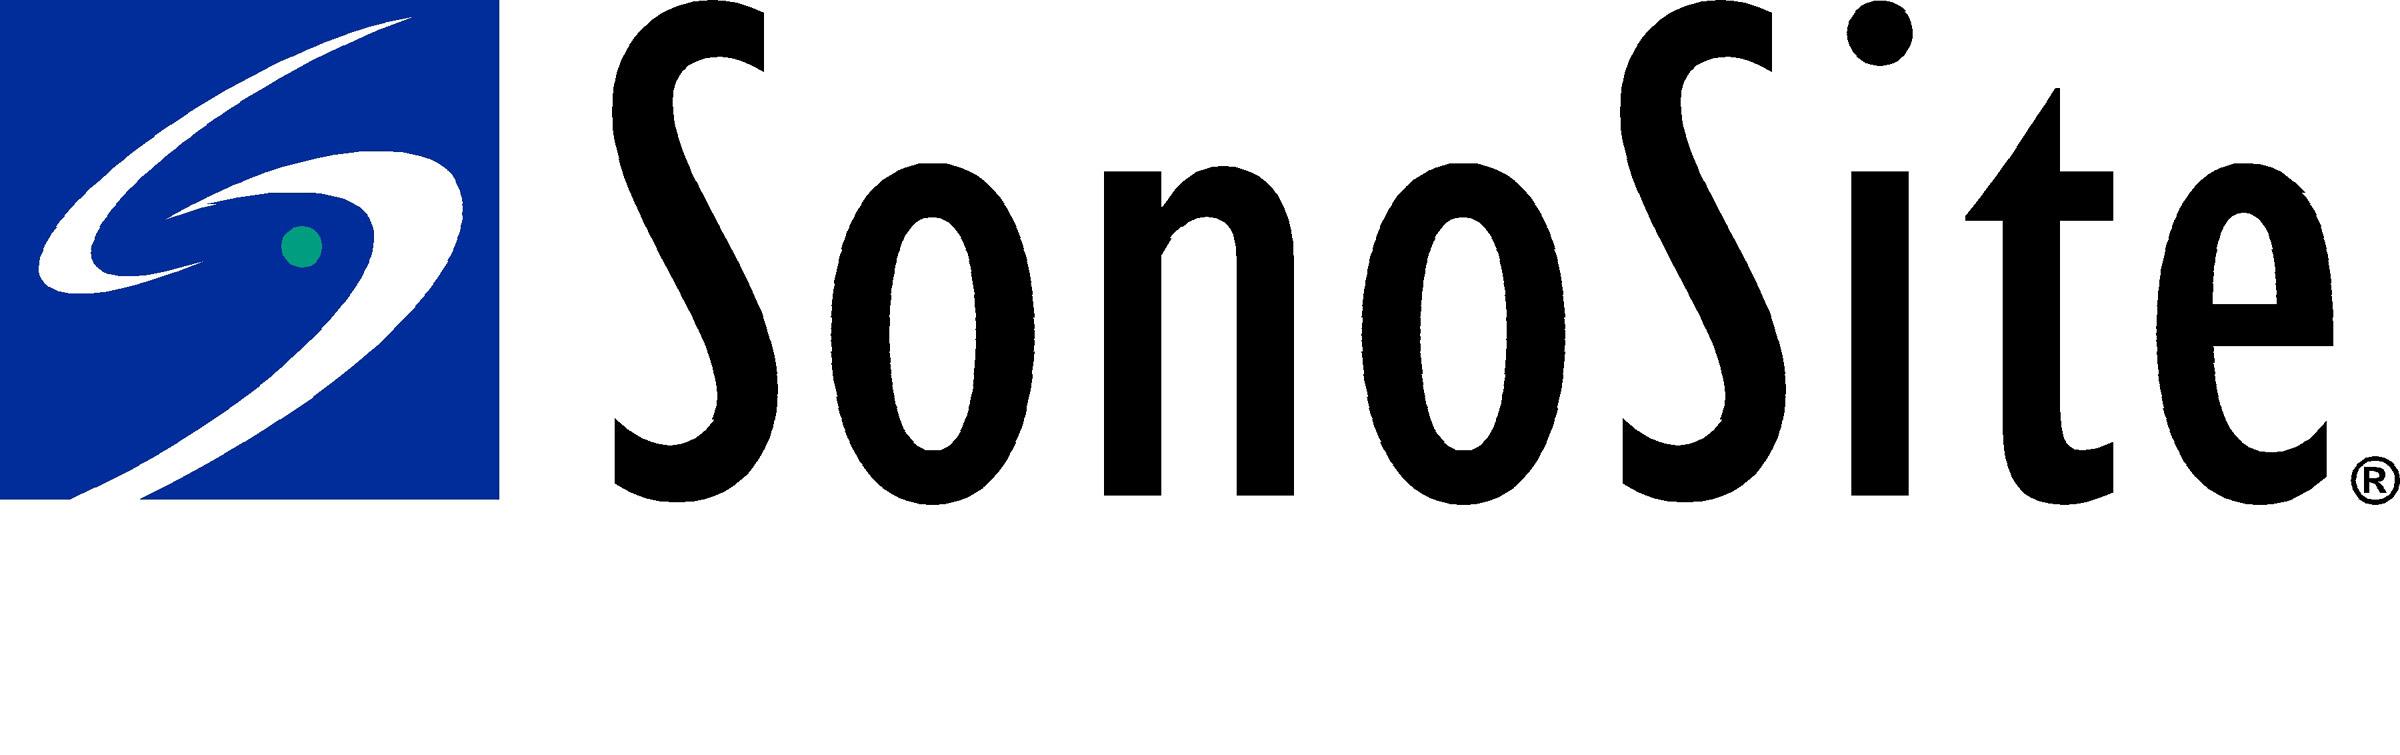 Fujifilm Sonosite NASDAQSONO Stock Price News Analysis